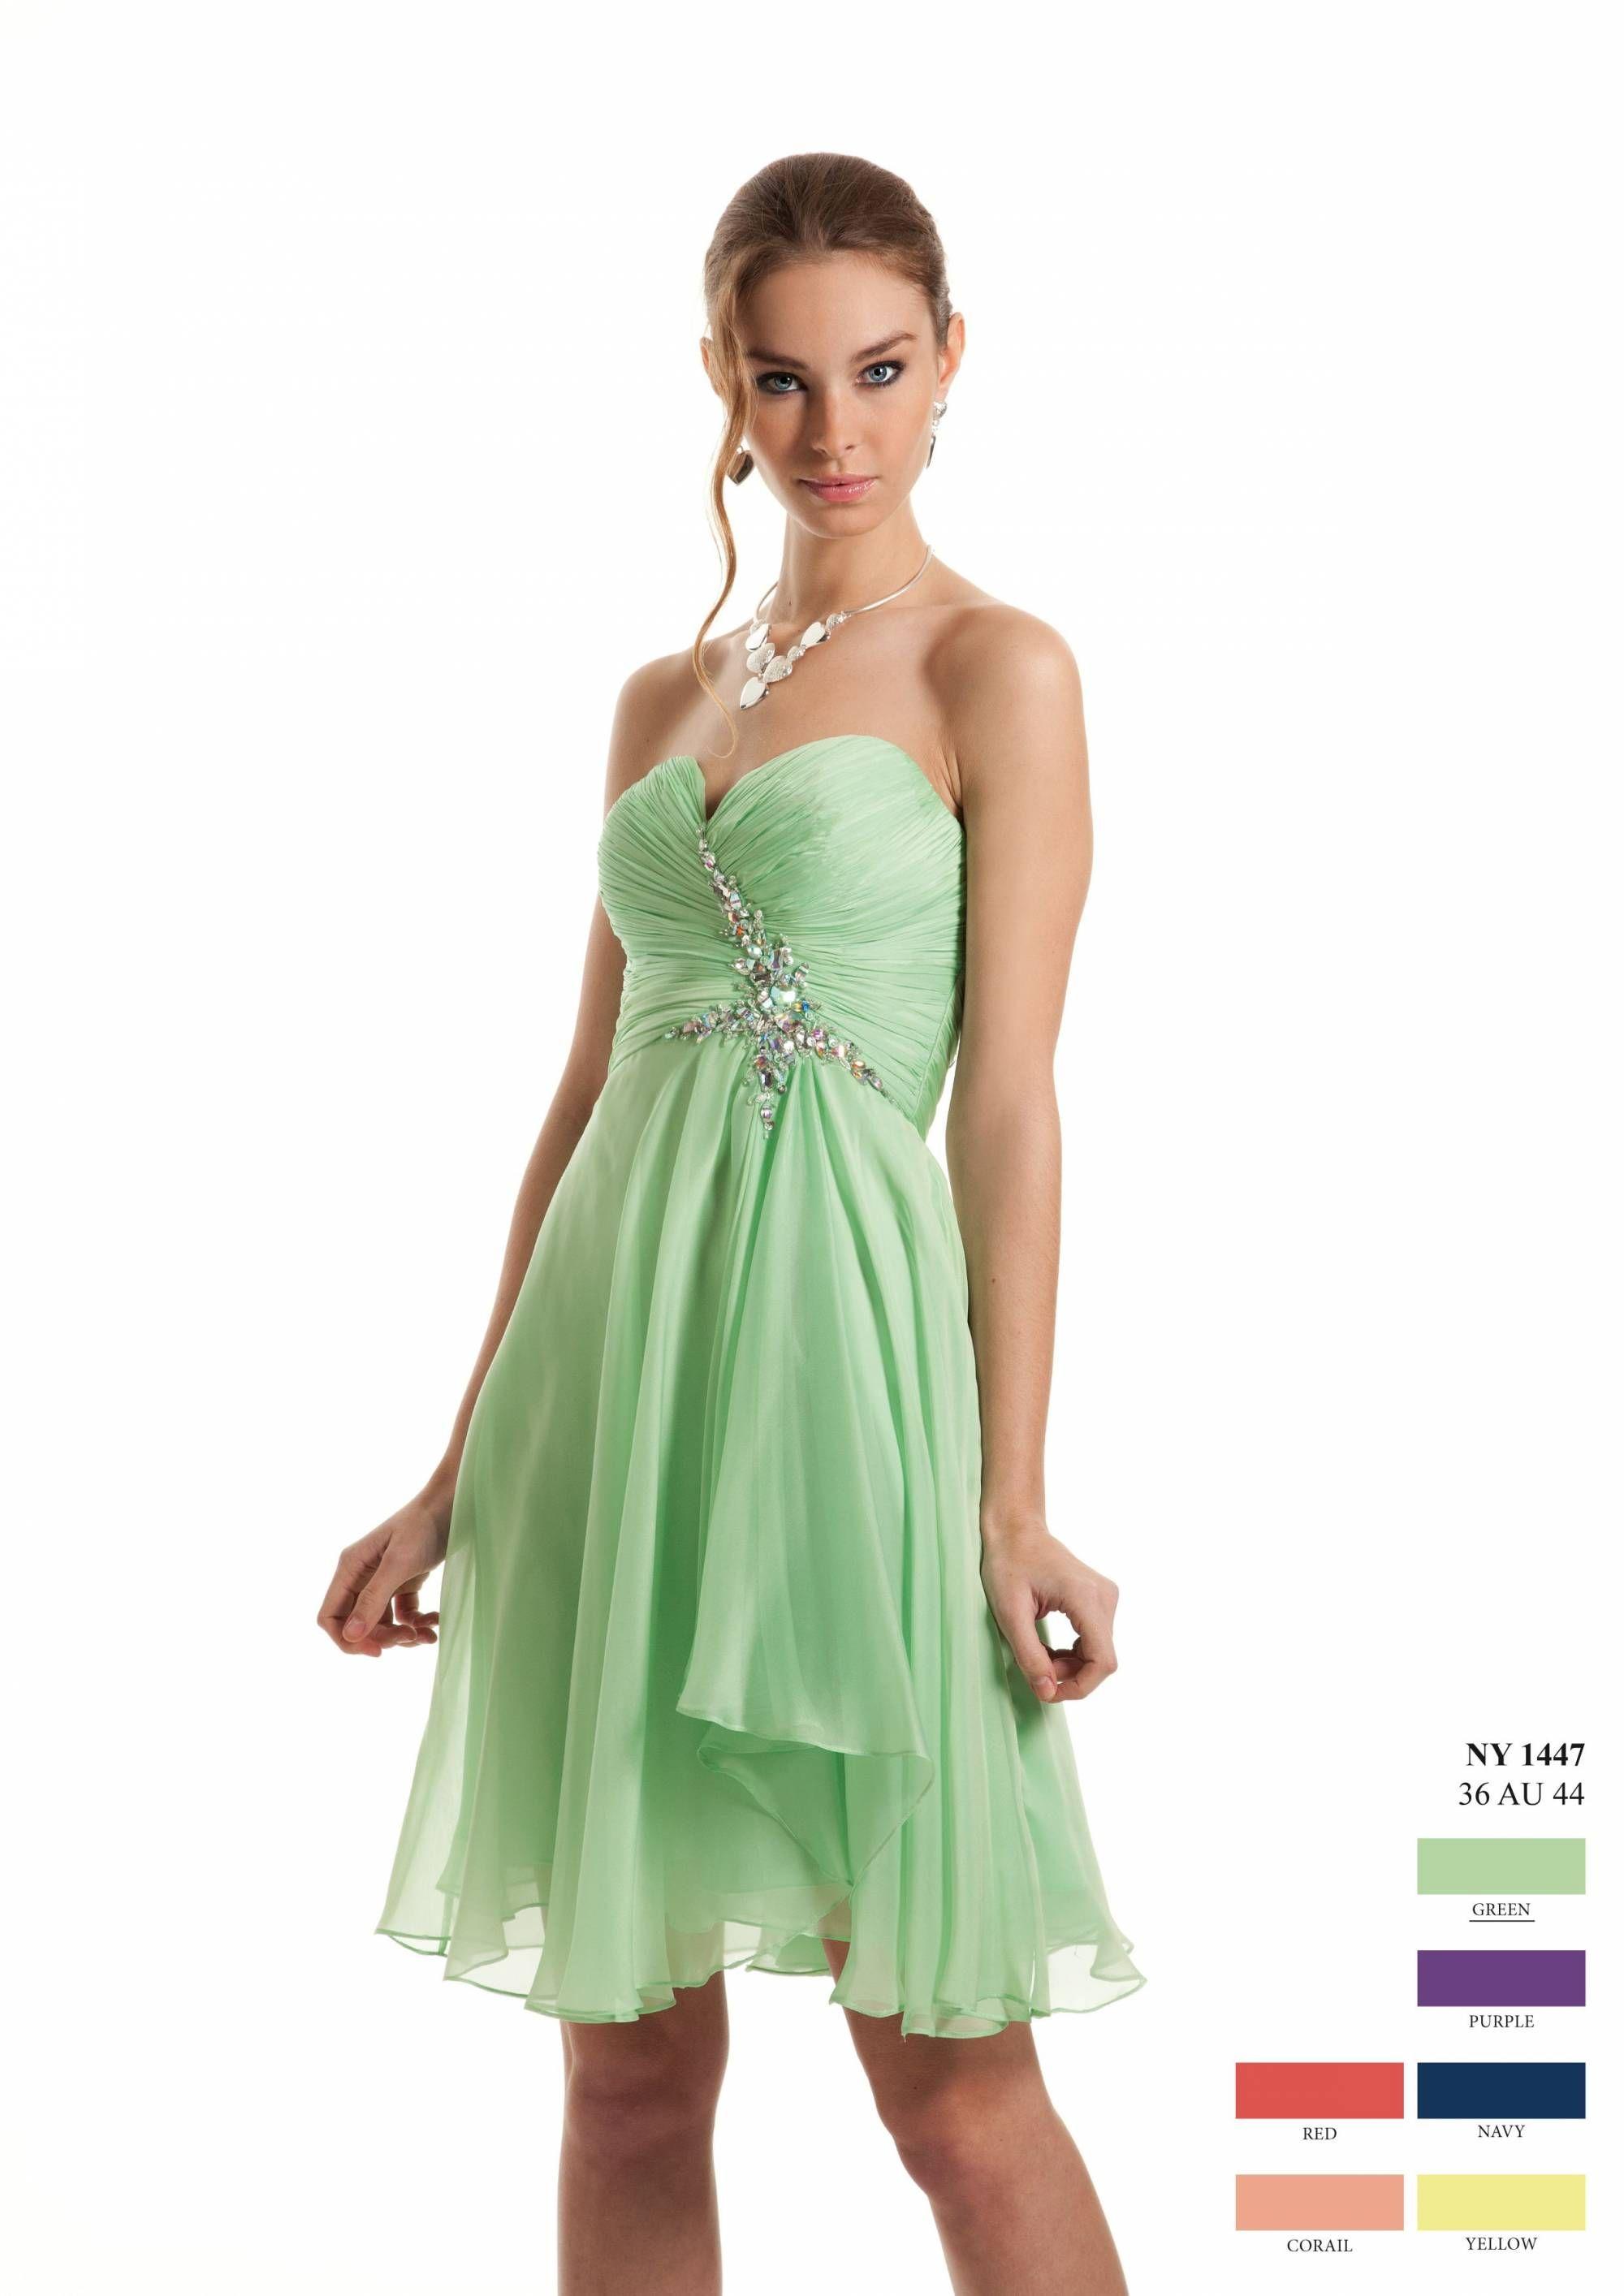 robe vert pastel pour soir e et c r monie marseille quelles astuces pour organiser votre. Black Bedroom Furniture Sets. Home Design Ideas